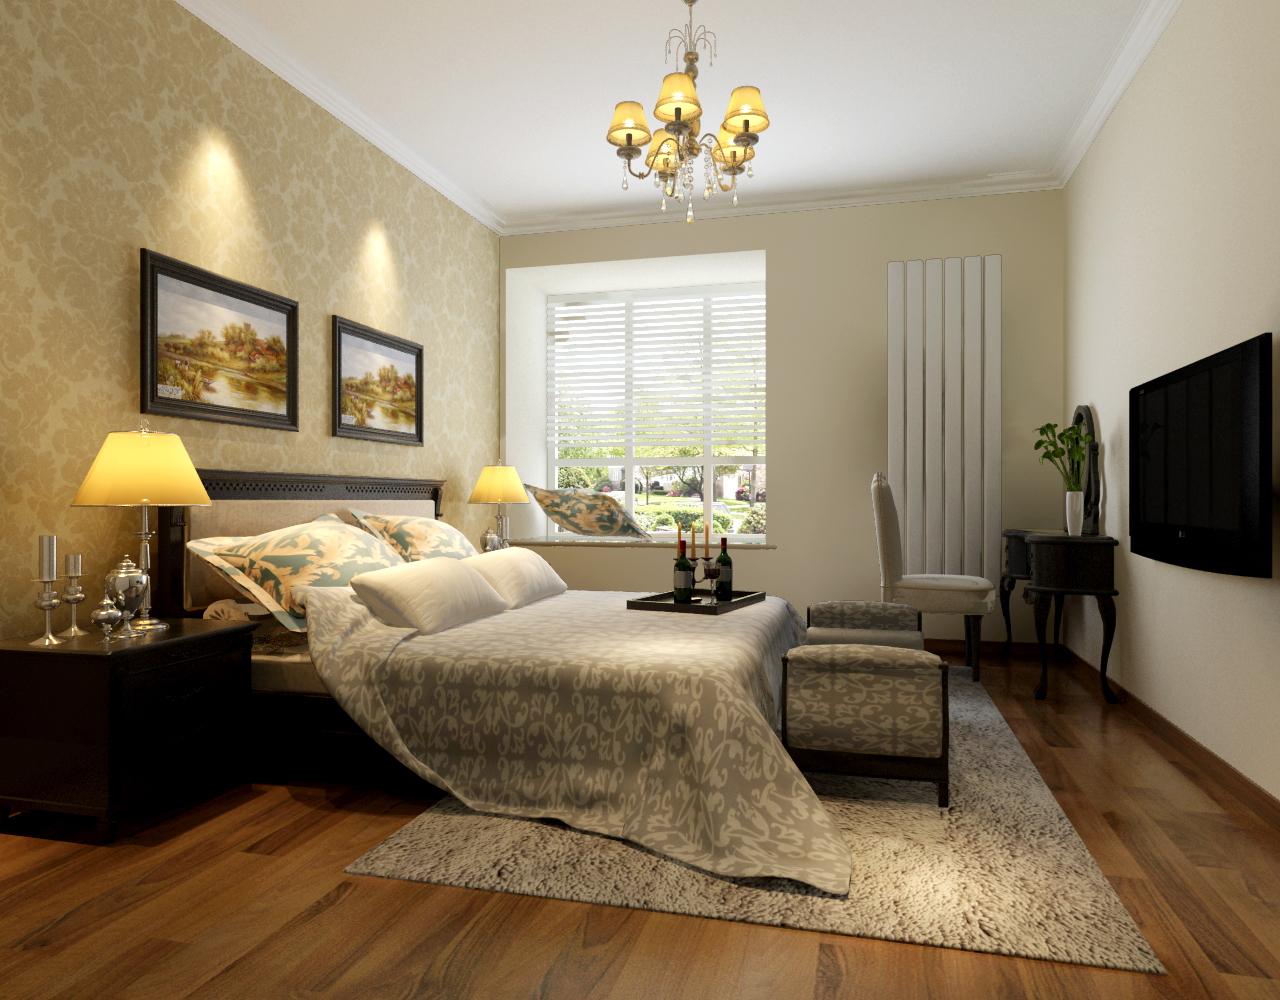 格林上东 118平米 三居室 欧式风格 装修设计 卧室图片来自郑州实创-整套家装在格林上东三居室简欧风格装修的分享